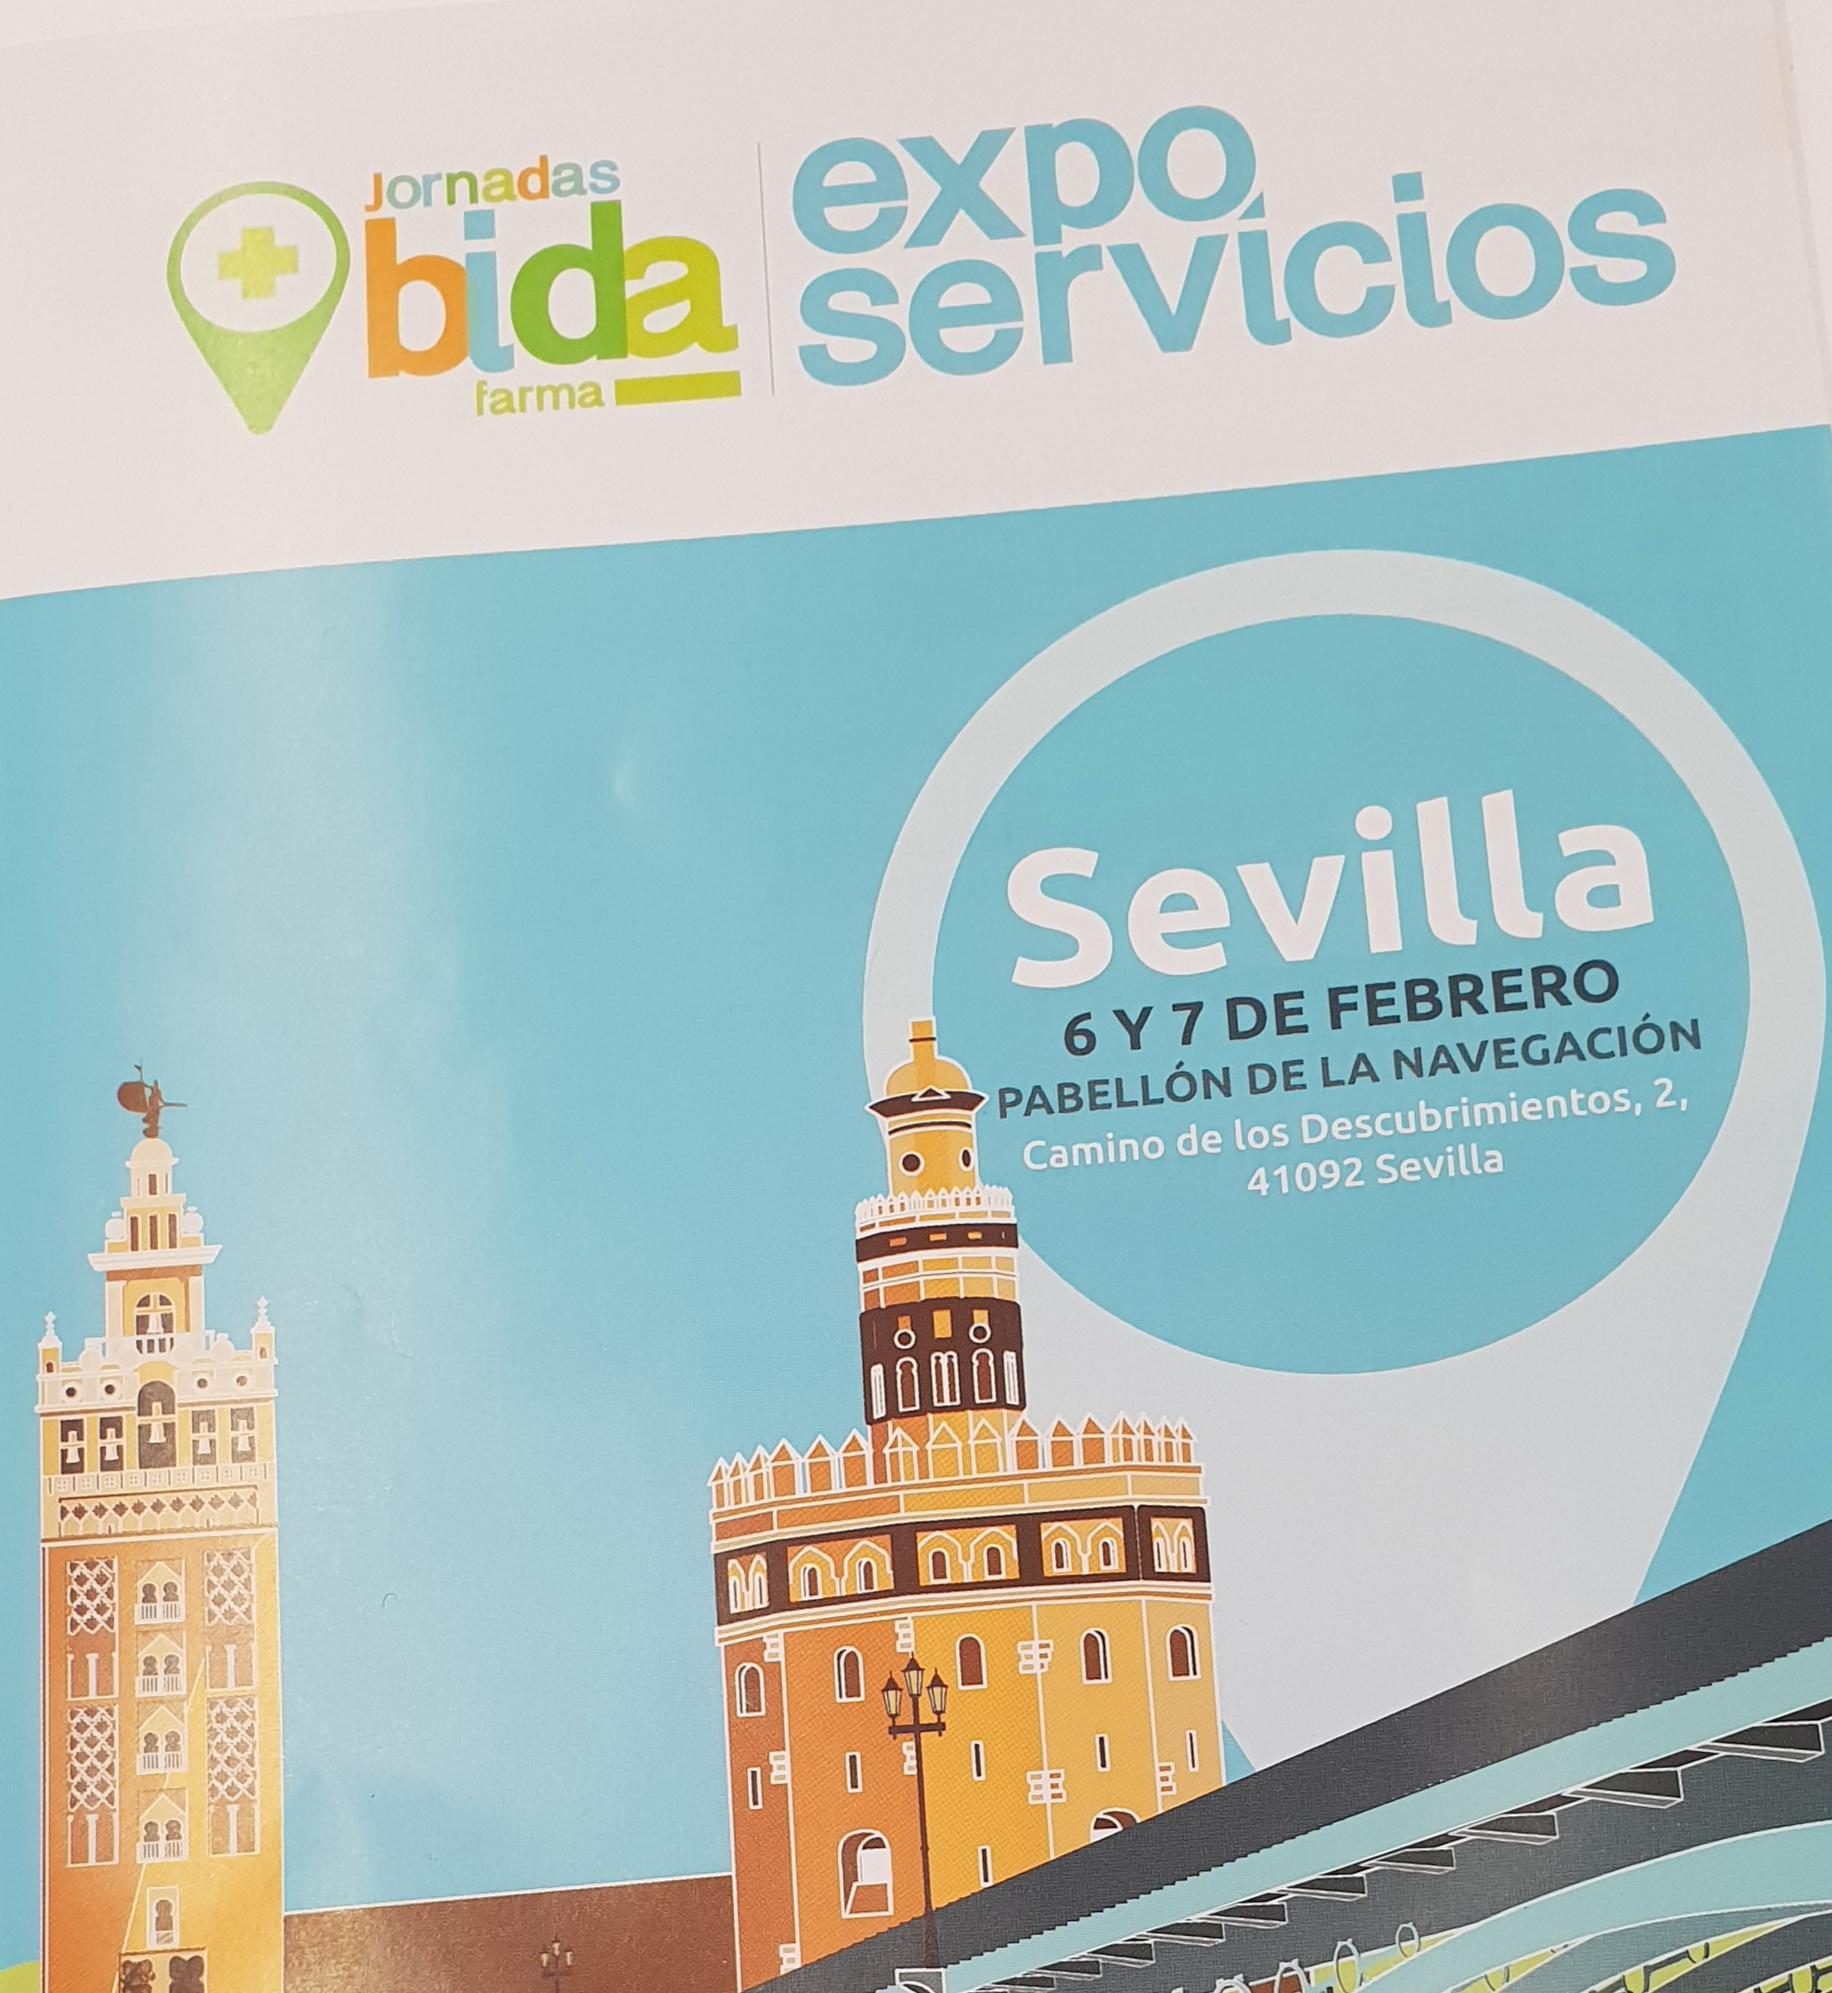 Encuestas de satisfacción Astutecontrol con Bidafarma - Sevilla